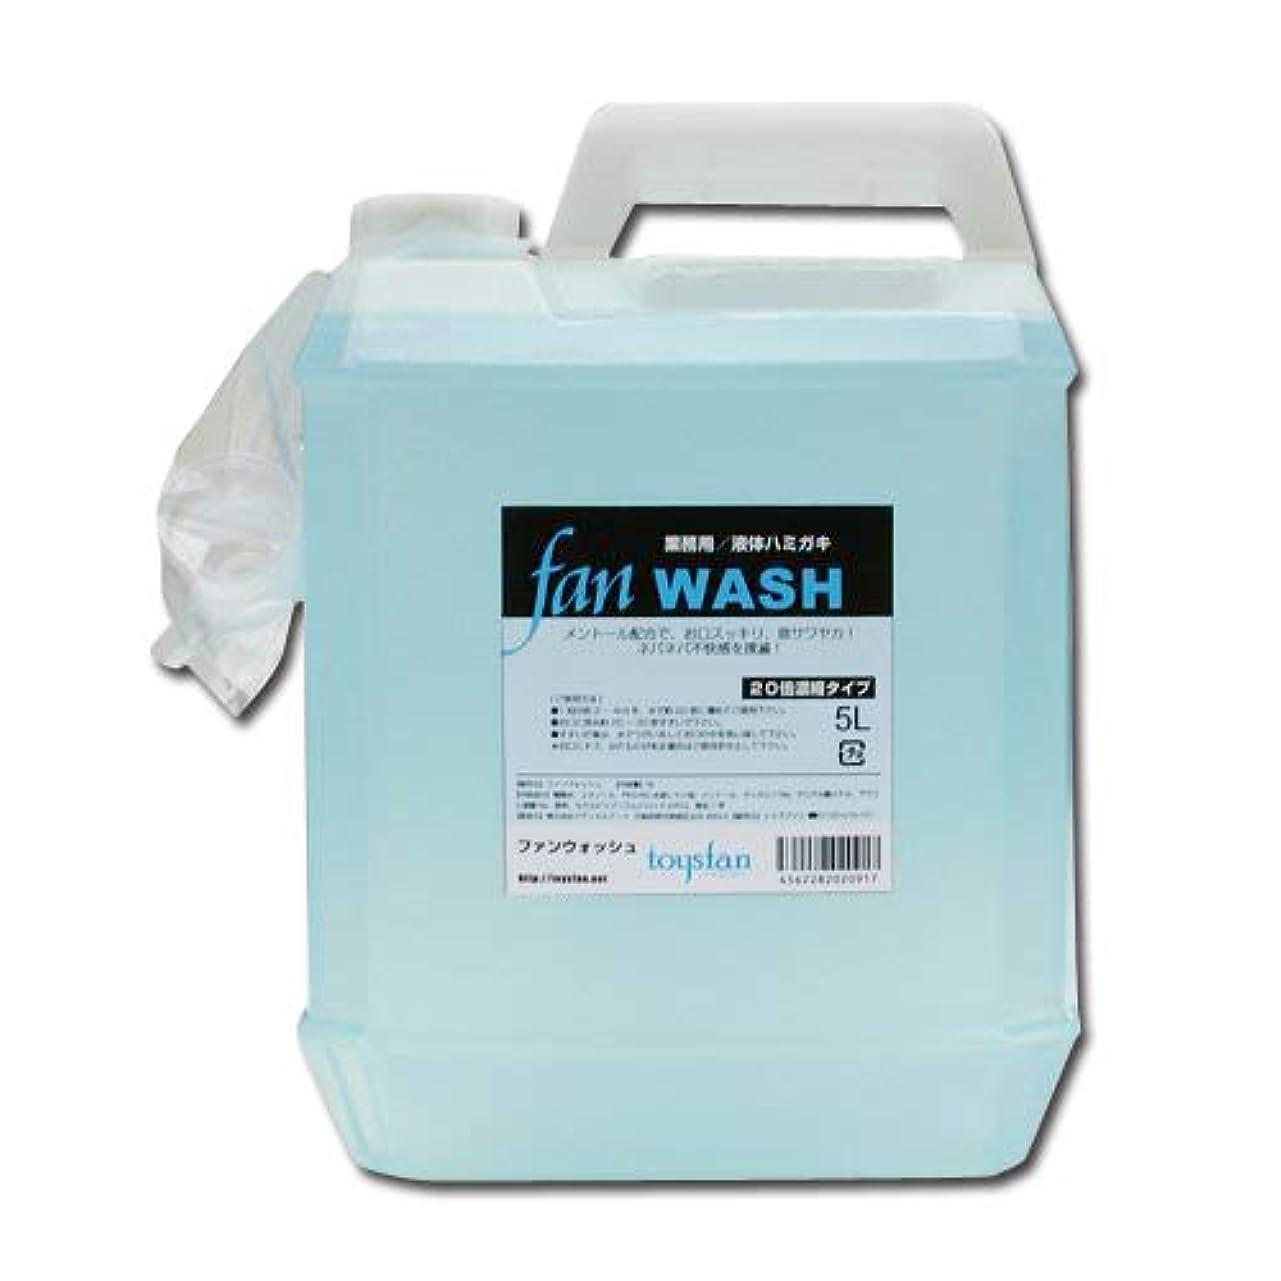 直面するタクシージョグファンウォッシュ 5L(20倍濃縮)業務用液体ハミガキ FAN WASHメントール配合│液体歯磨き大容量!うがい液